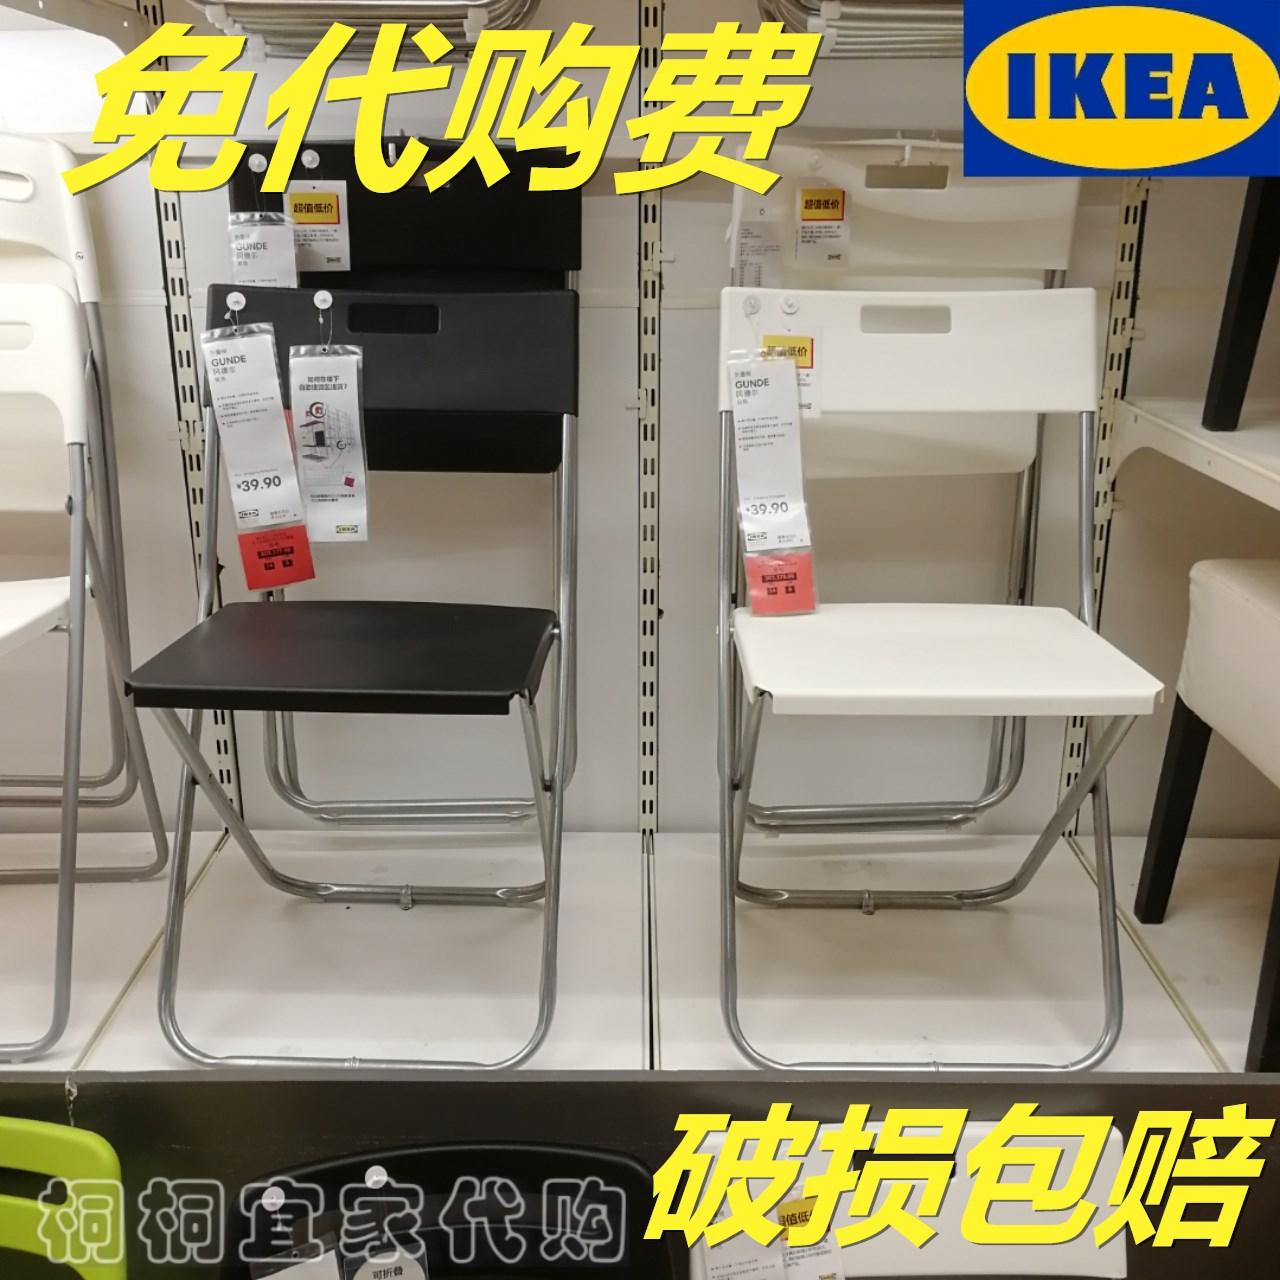 正品宜家国内代购冈德尔椅子折叠靠背椅子办公电脑餐椅便携黑白色